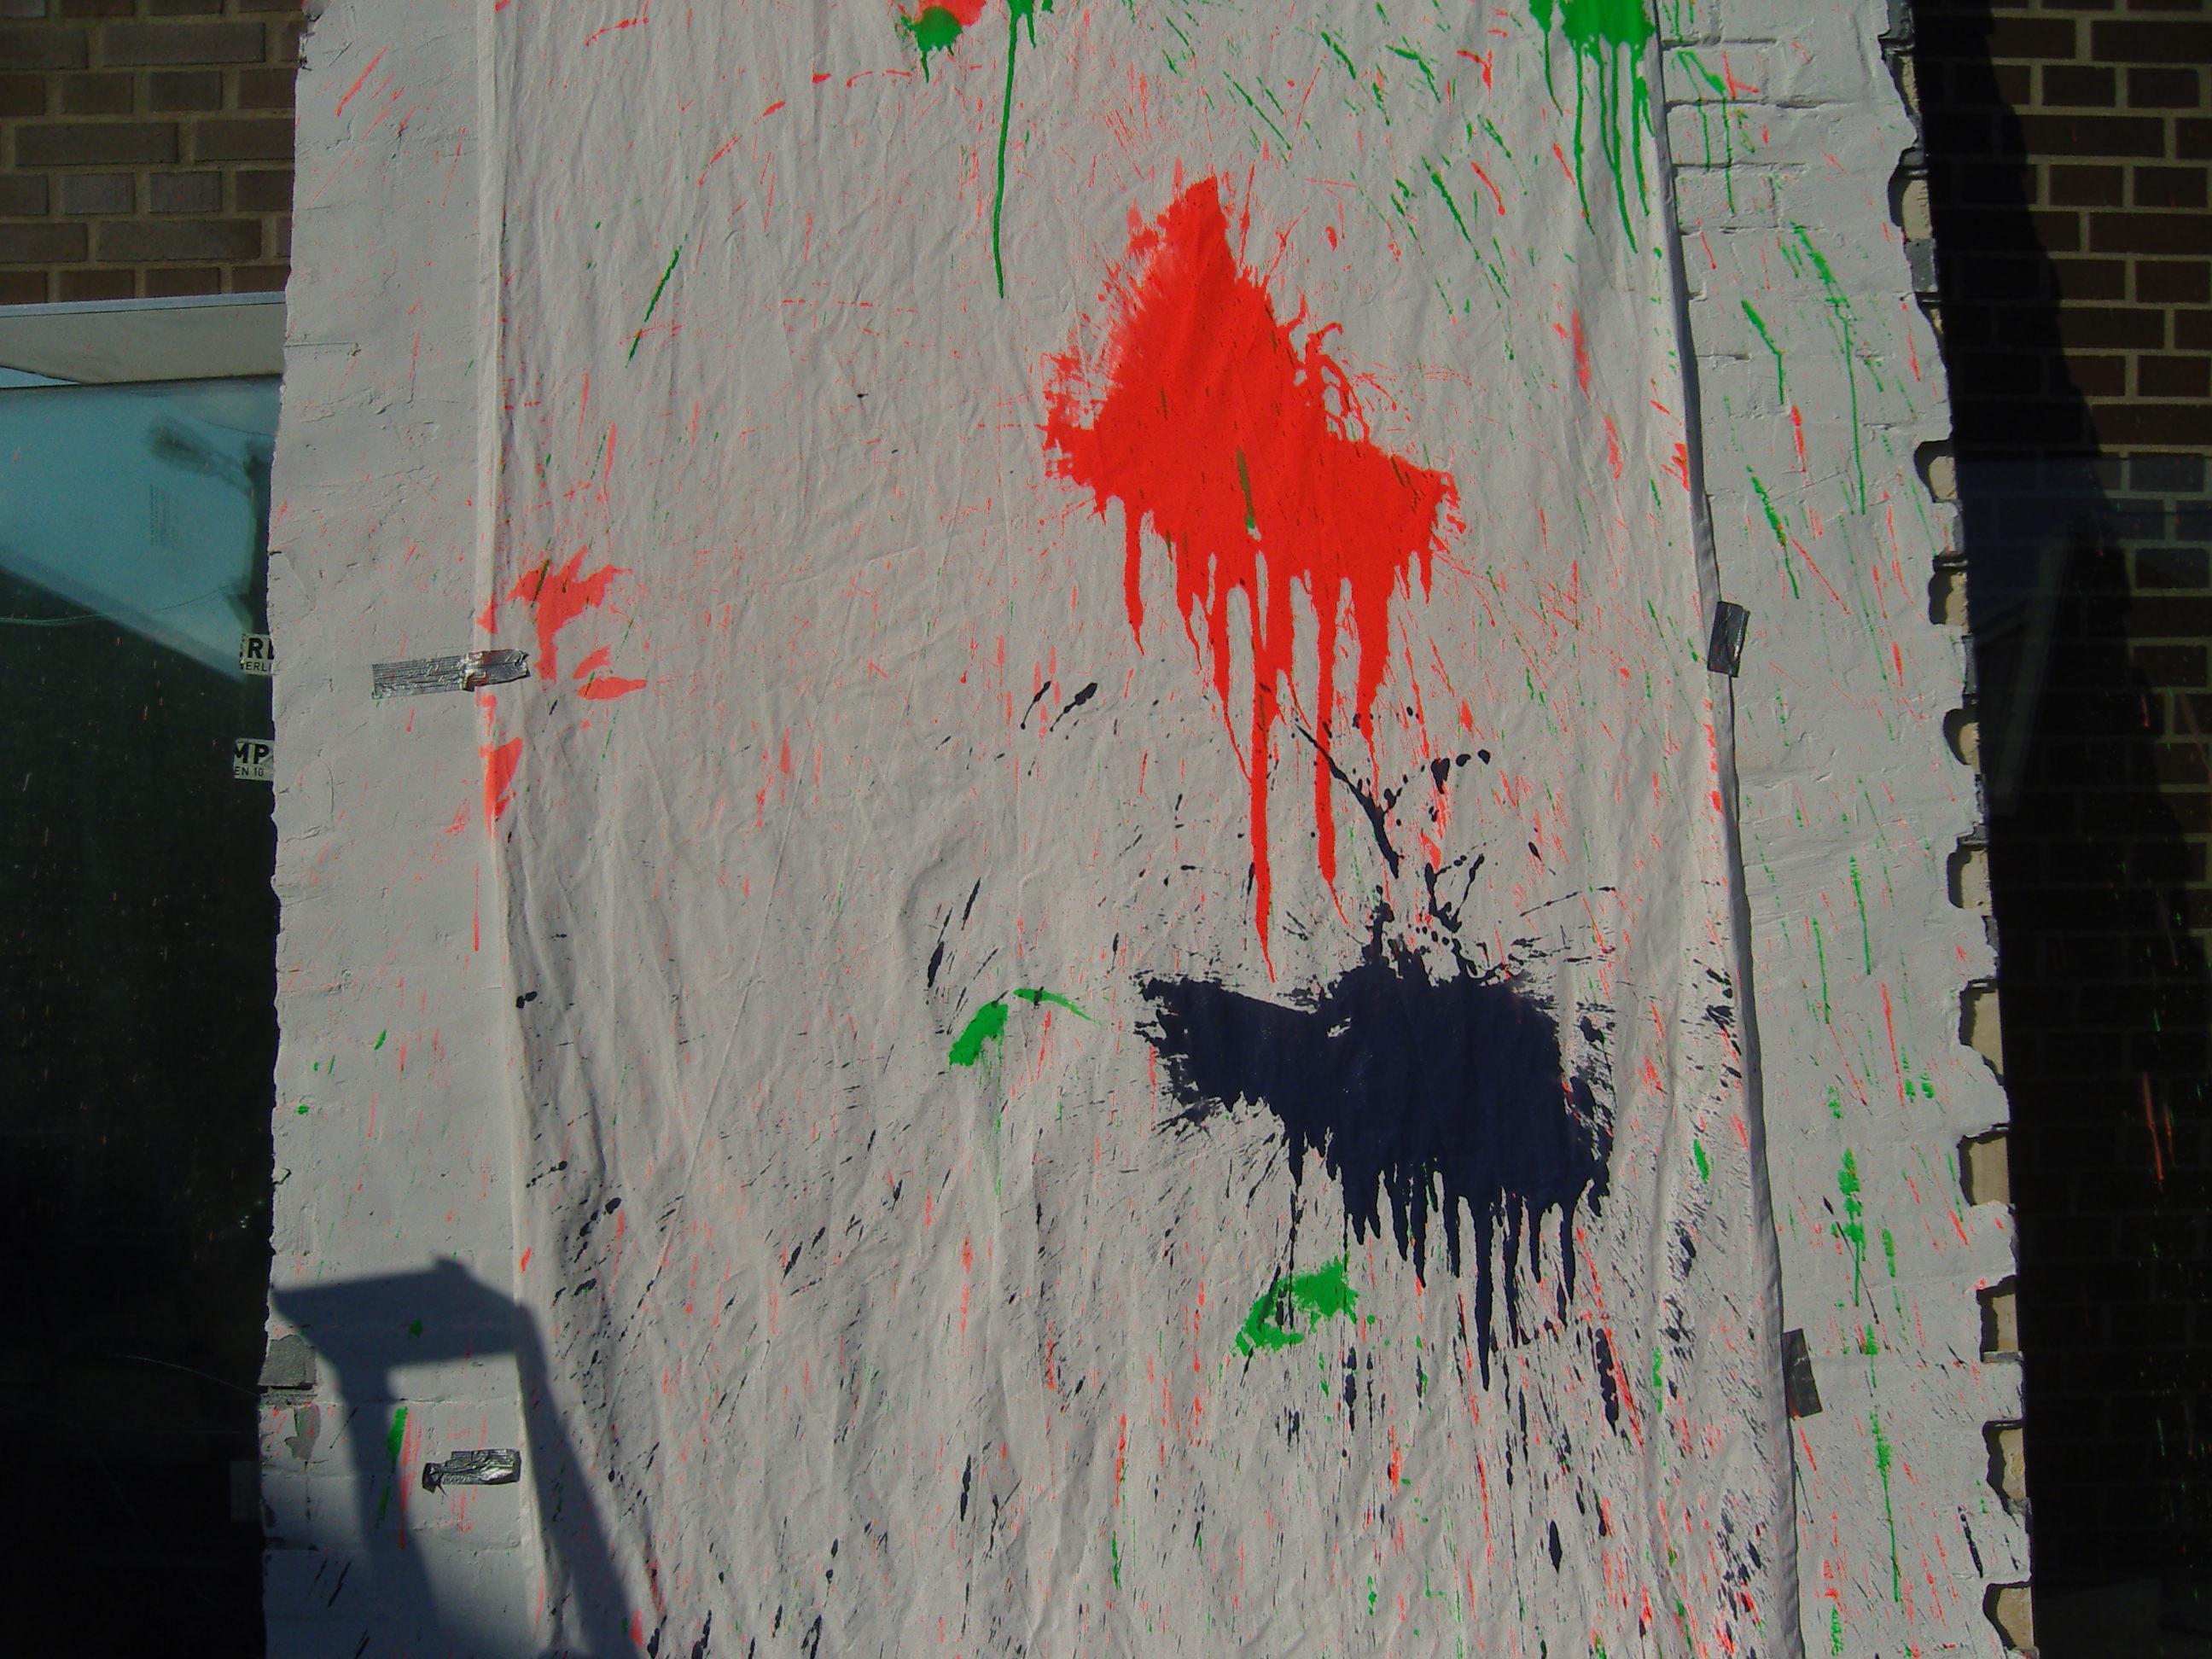 Farbbeutel Werfen